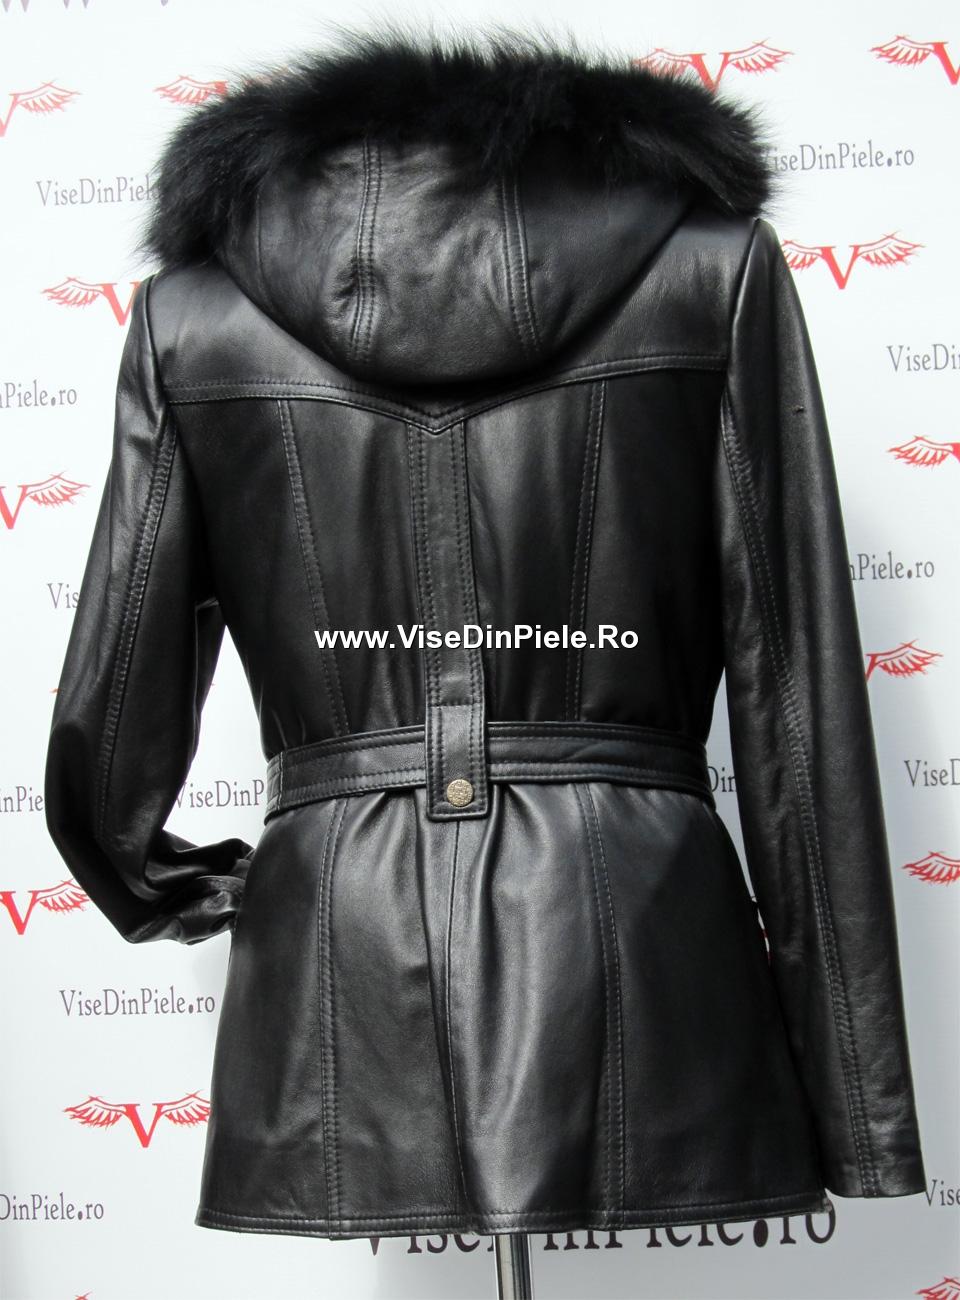 super ieftin boutique outlet magazin de vânzare Vise din Piele - REDUCERI :: Haine dama piele A01 NEGRU